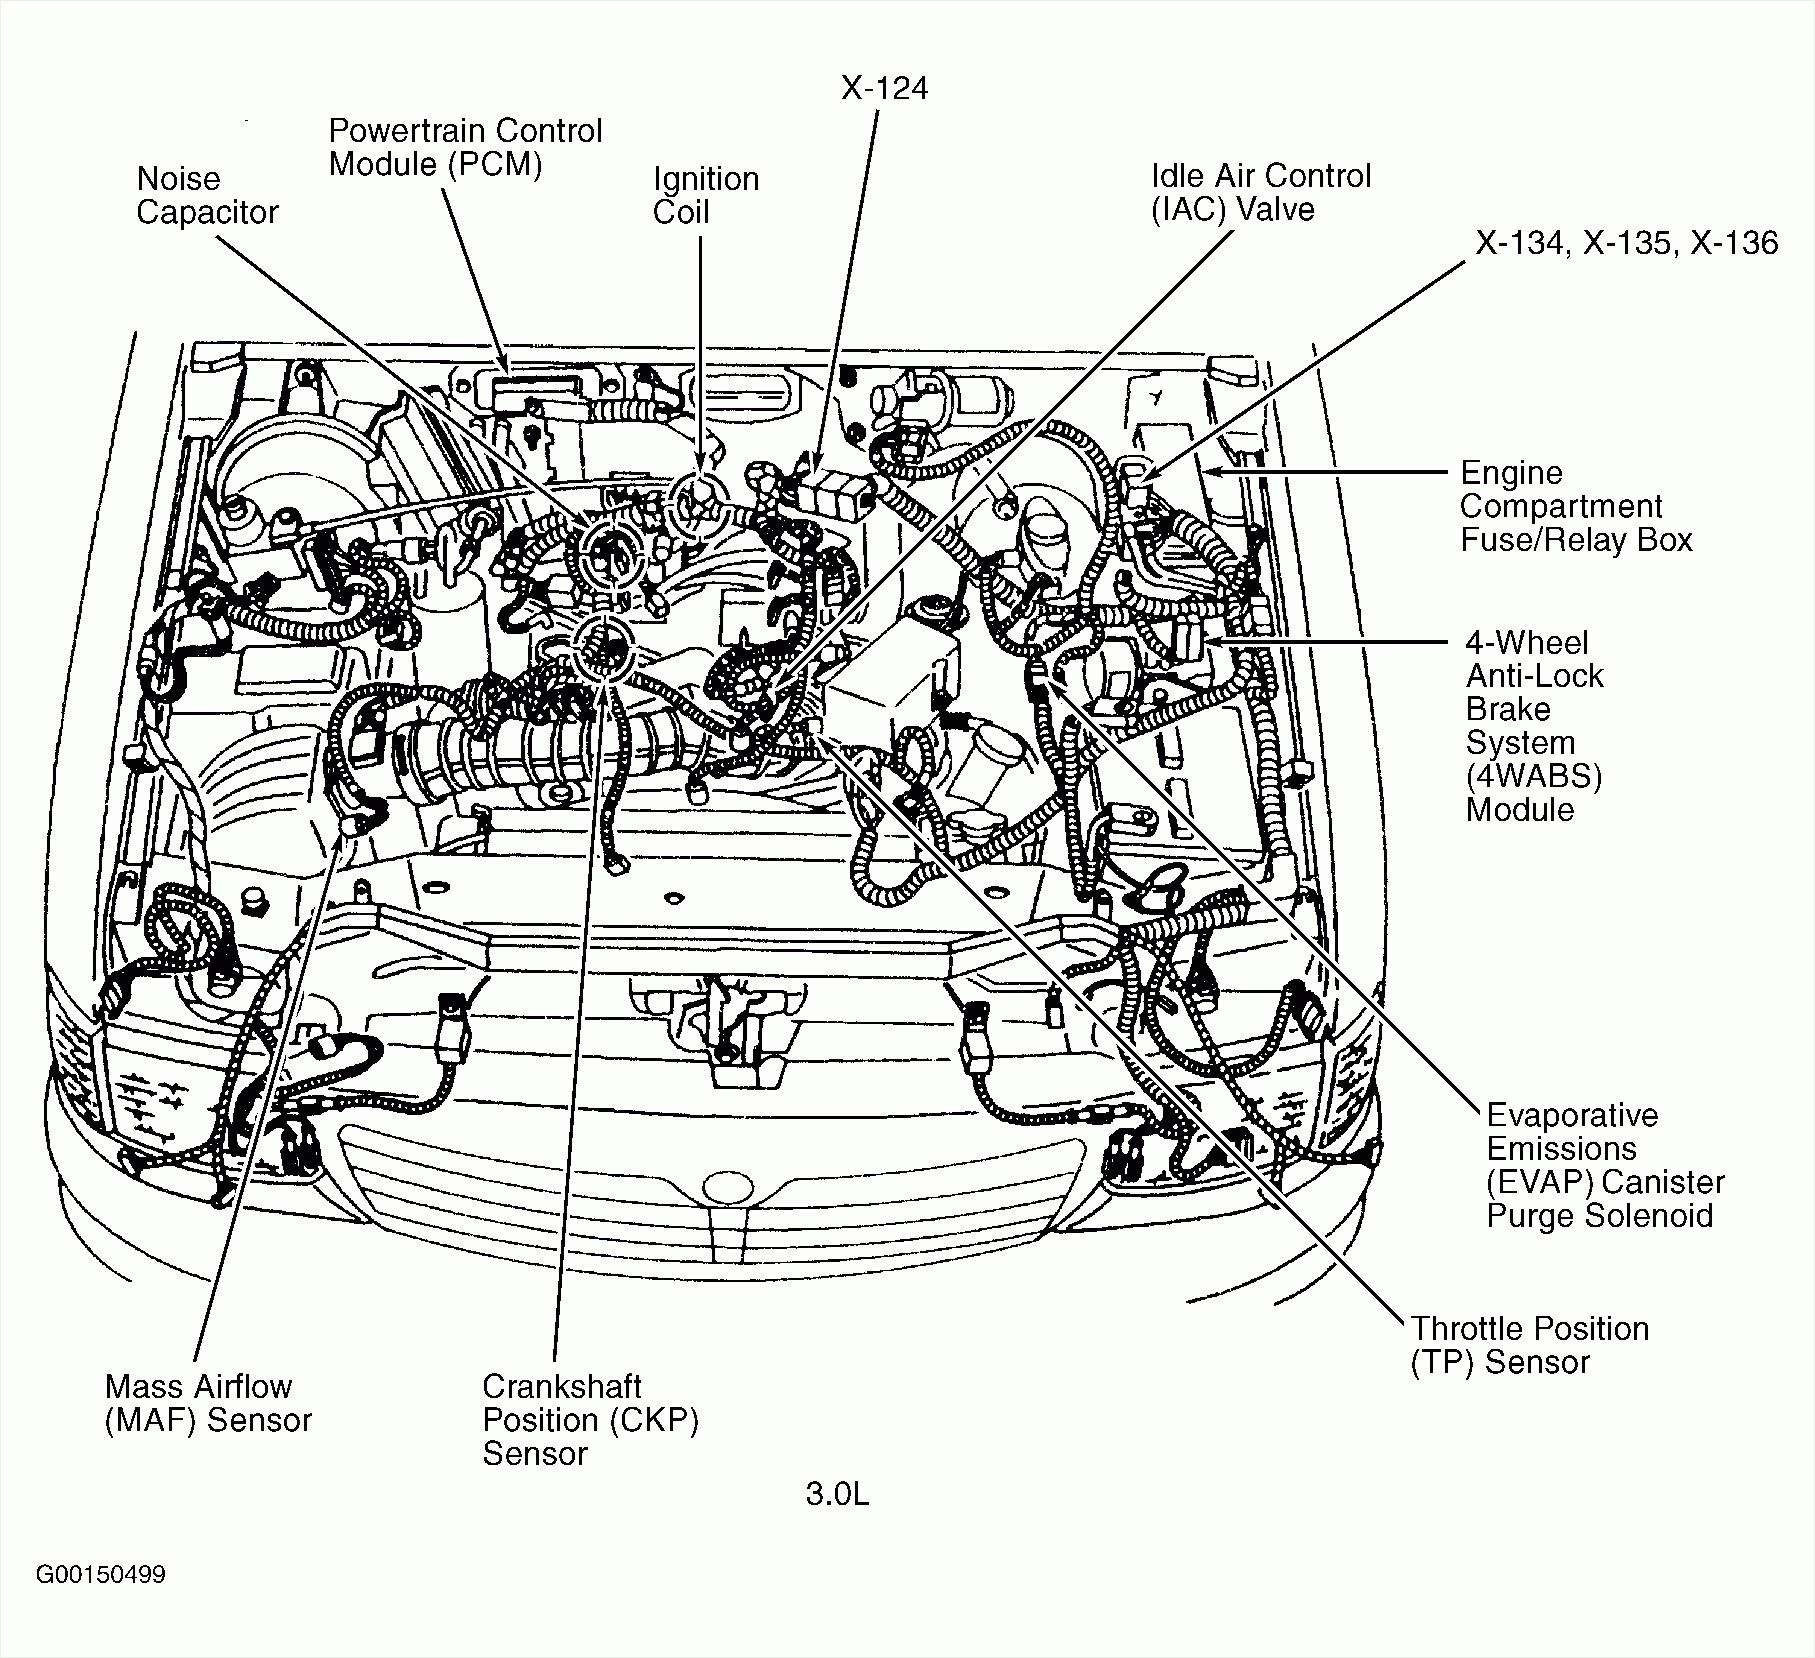 Diagram Of A Engine 2004 Mazda 6 V6 Engine Diagram Wiring Diagrams Of Diagram Of A Engine